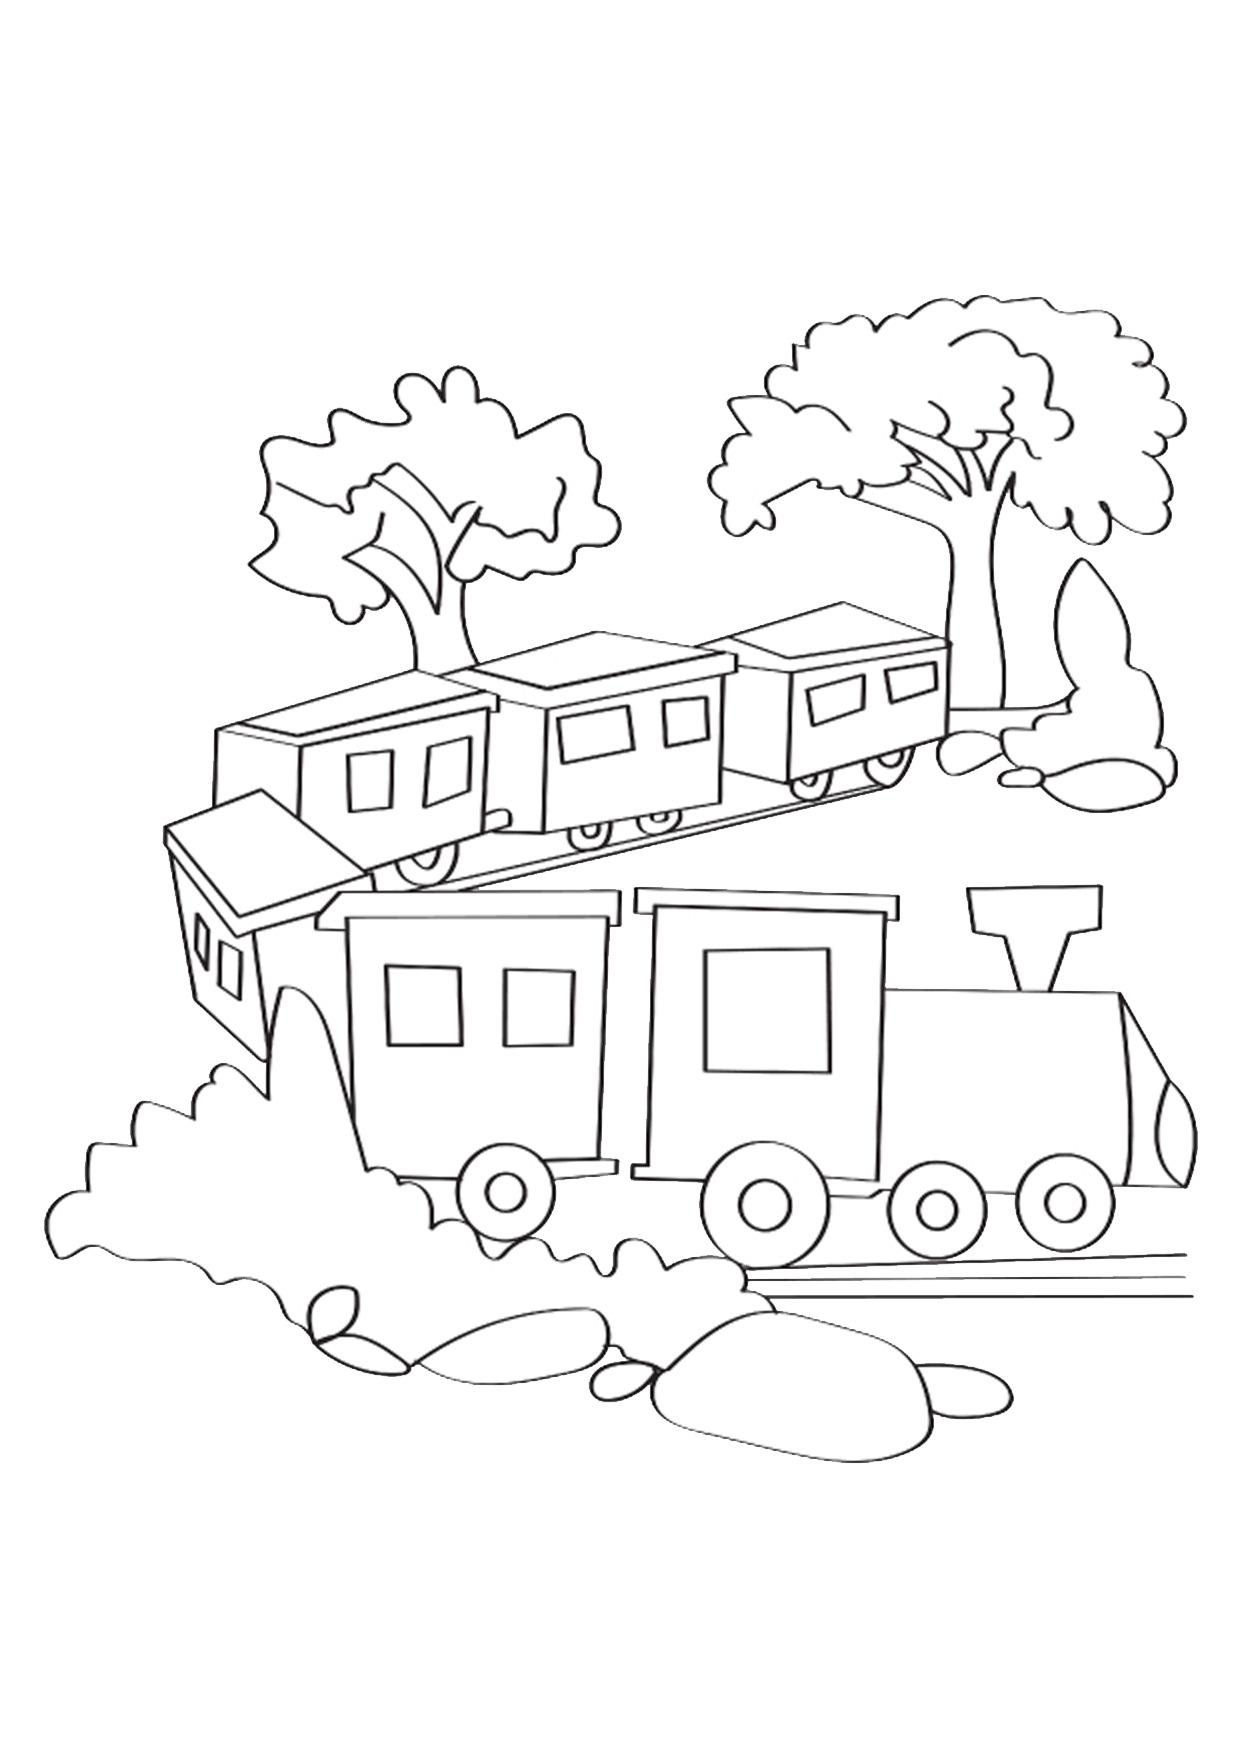 Disegno di treno cartoon da colorare 04